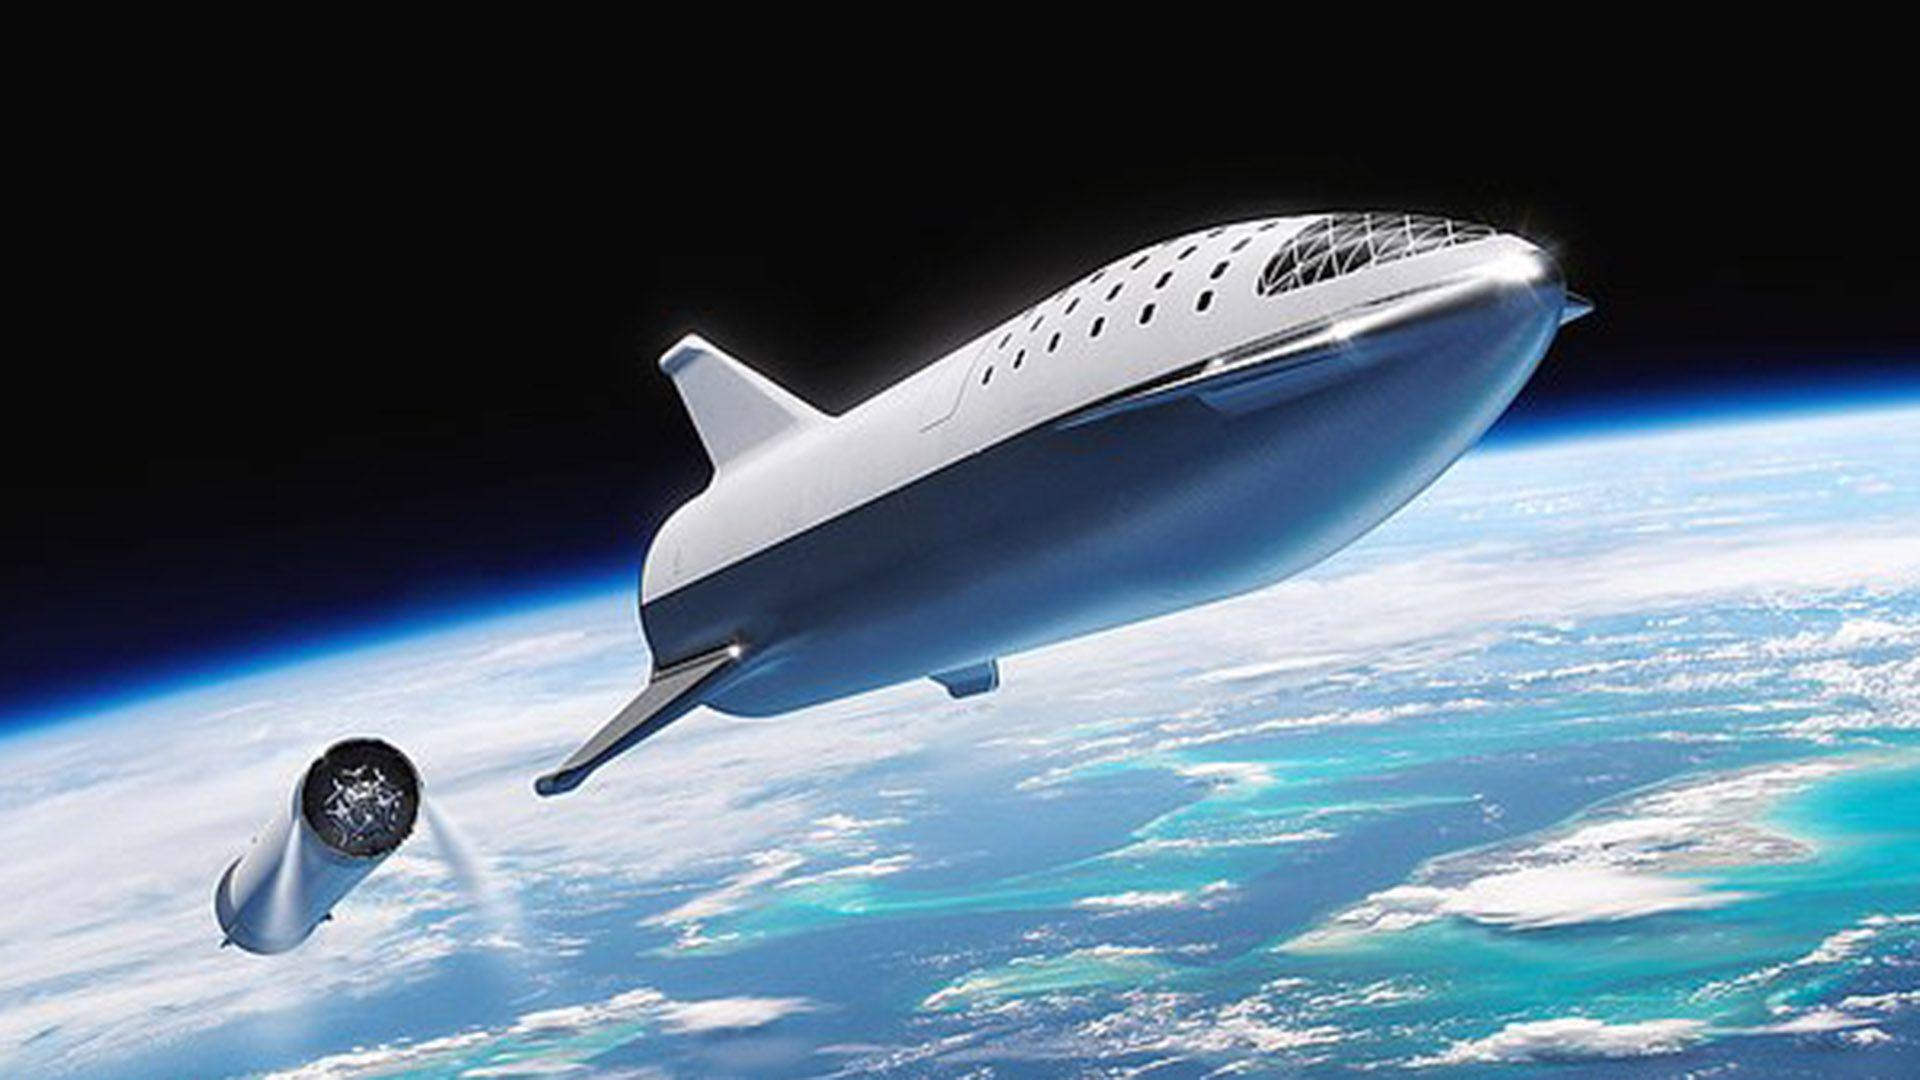 El BFR de Space X será el cohete más potente jamás construido. Podrá llevar astronautas hasta la Luna y Marte